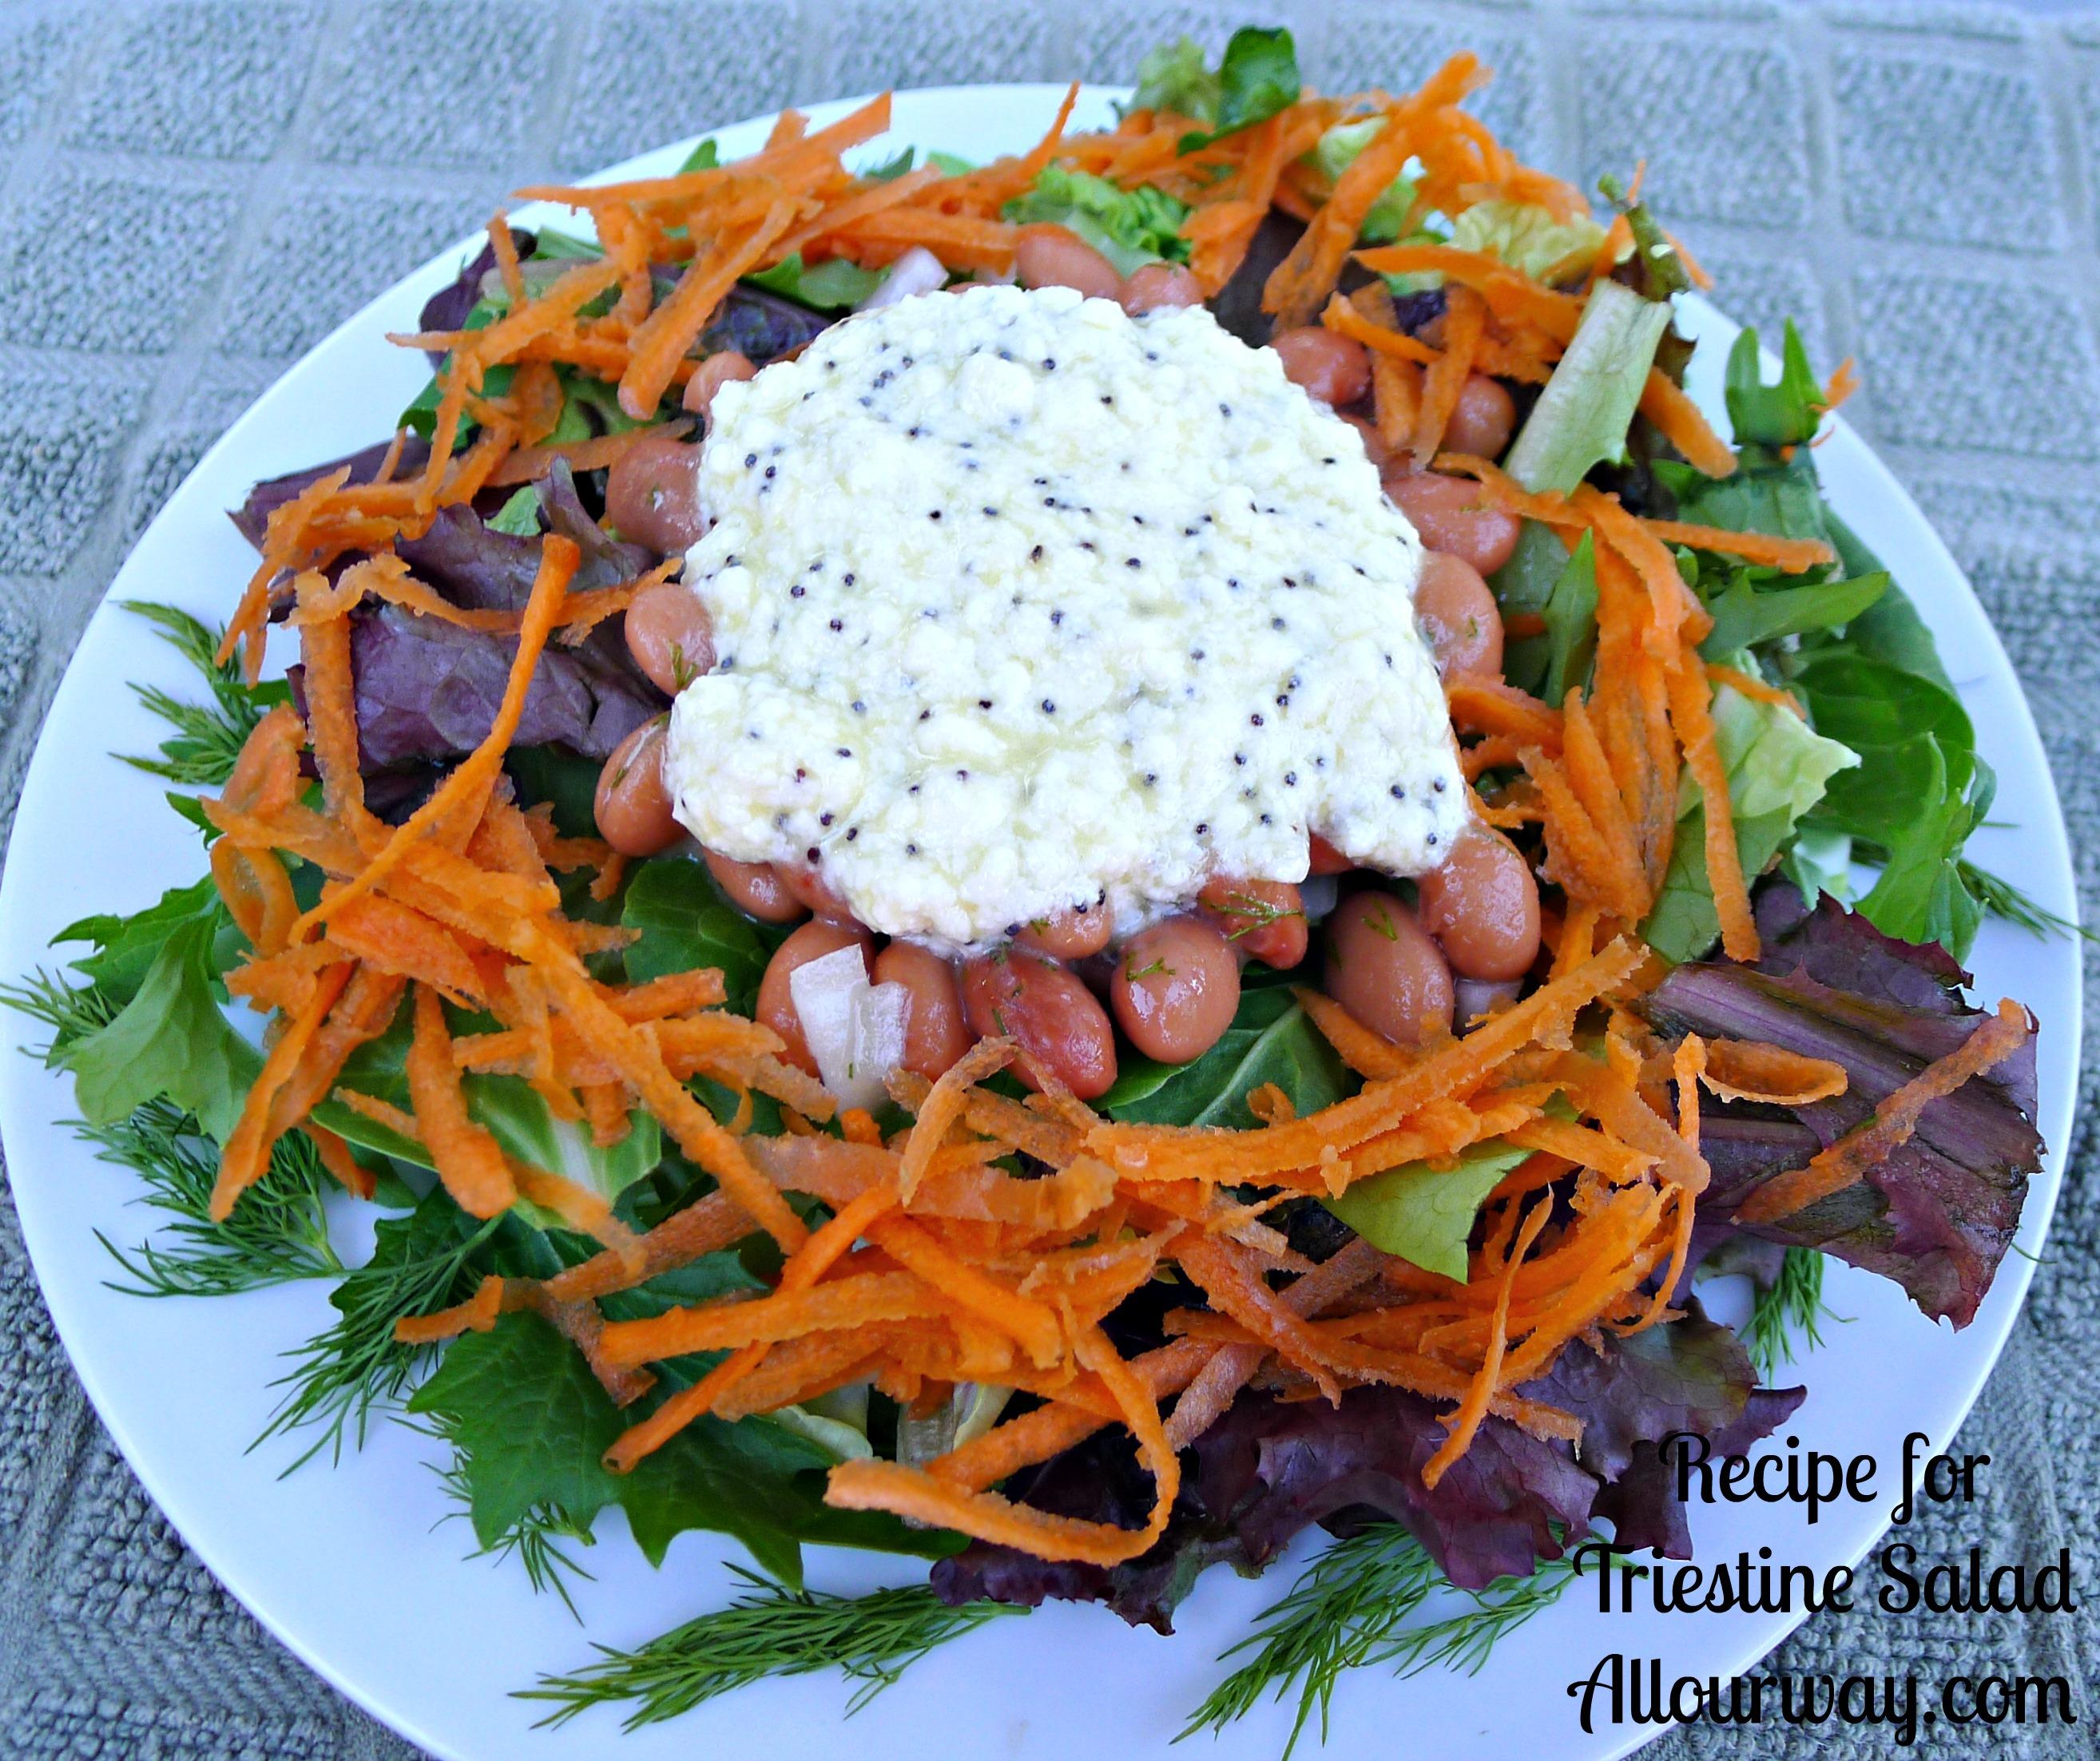 Triestine Salad { Insalata Triestina }